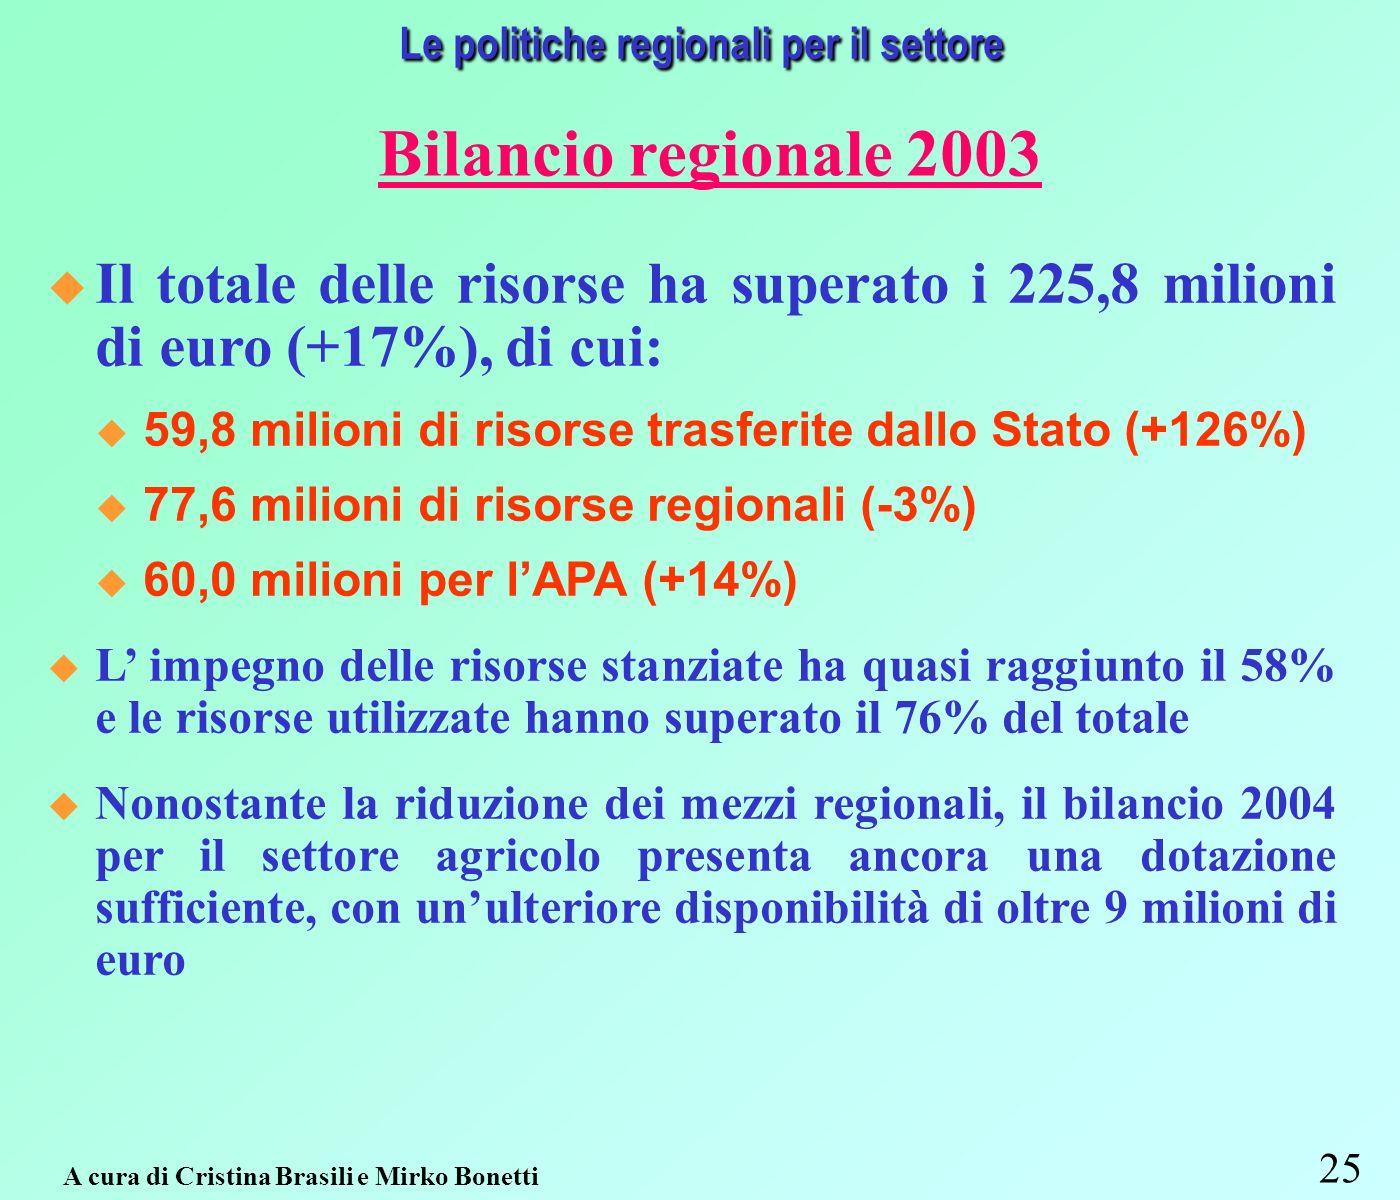 25 A cura di Cristina Brasili e Mirko Bonetti Le politiche regionali per il settore Bilancio regionale 2003 Il totale delle risorse ha superato i 225,8 milioni di euro (+17%), di cui: 59,8 milioni di risorse trasferite dallo Stato (+126%) 77,6 milioni di risorse regionali (-3%) 60,0 milioni per lAPA (+14%) L impegno delle risorse stanziate ha quasi raggiunto il 58% e le risorse utilizzate hanno superato il 76% del totale Nonostante la riduzione dei mezzi regionali, il bilancio 2004 per il settore agricolo presenta ancora una dotazione sufficiente, con unulteriore disponibilità di oltre 9 milioni di euro